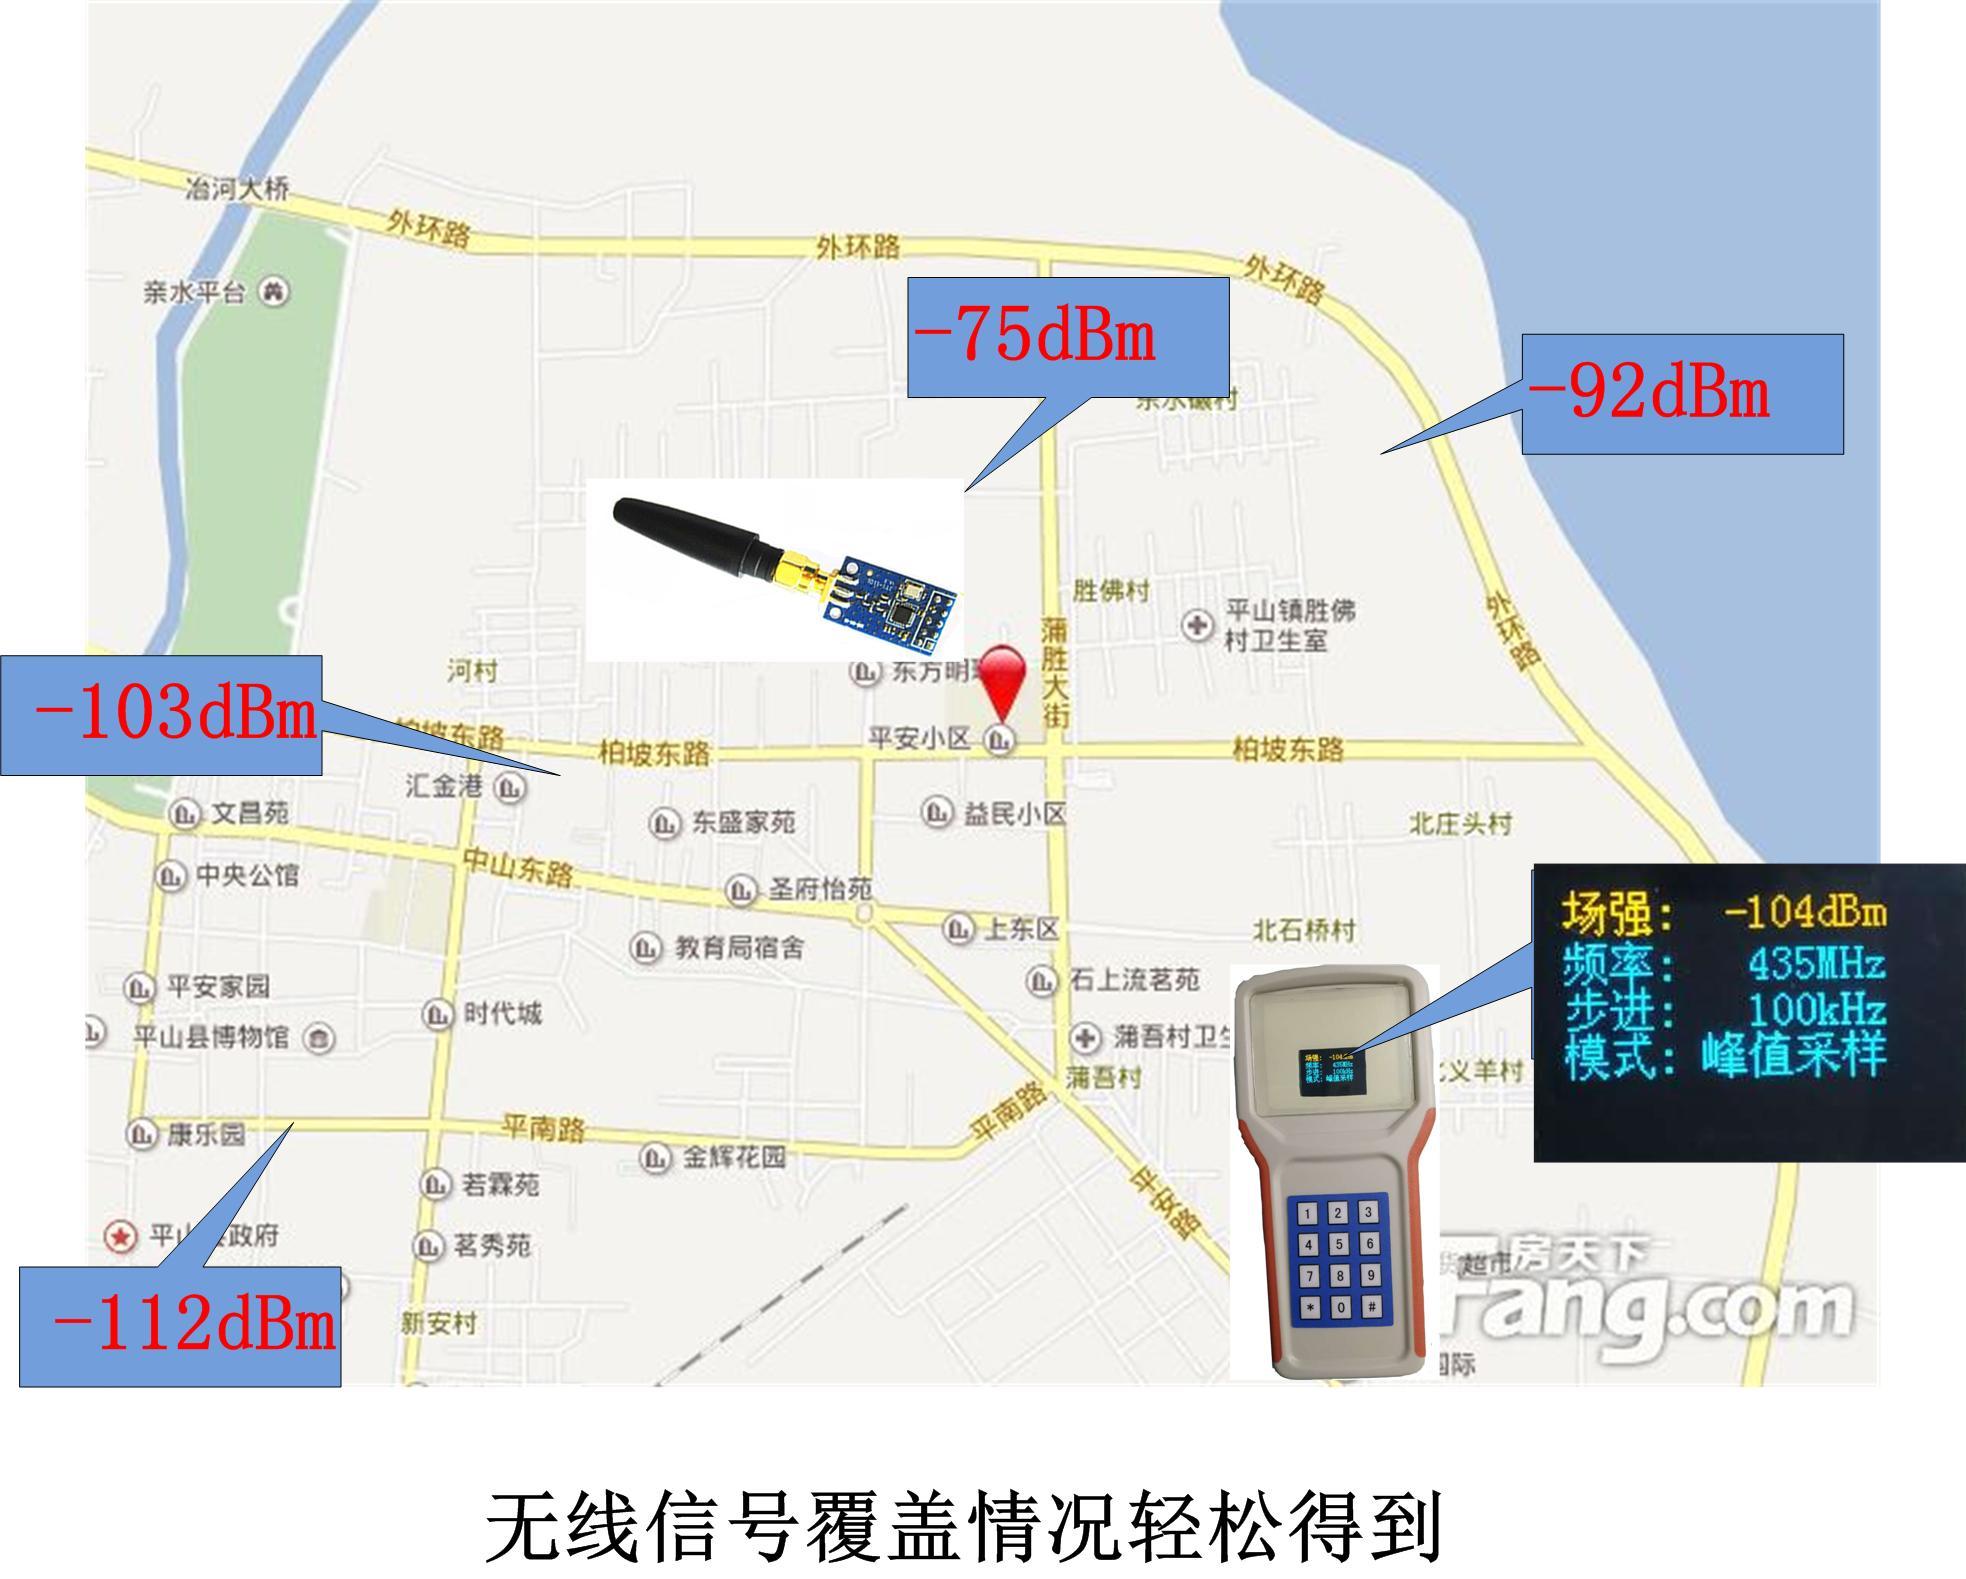 无线信号覆盖情况-地图.jpg